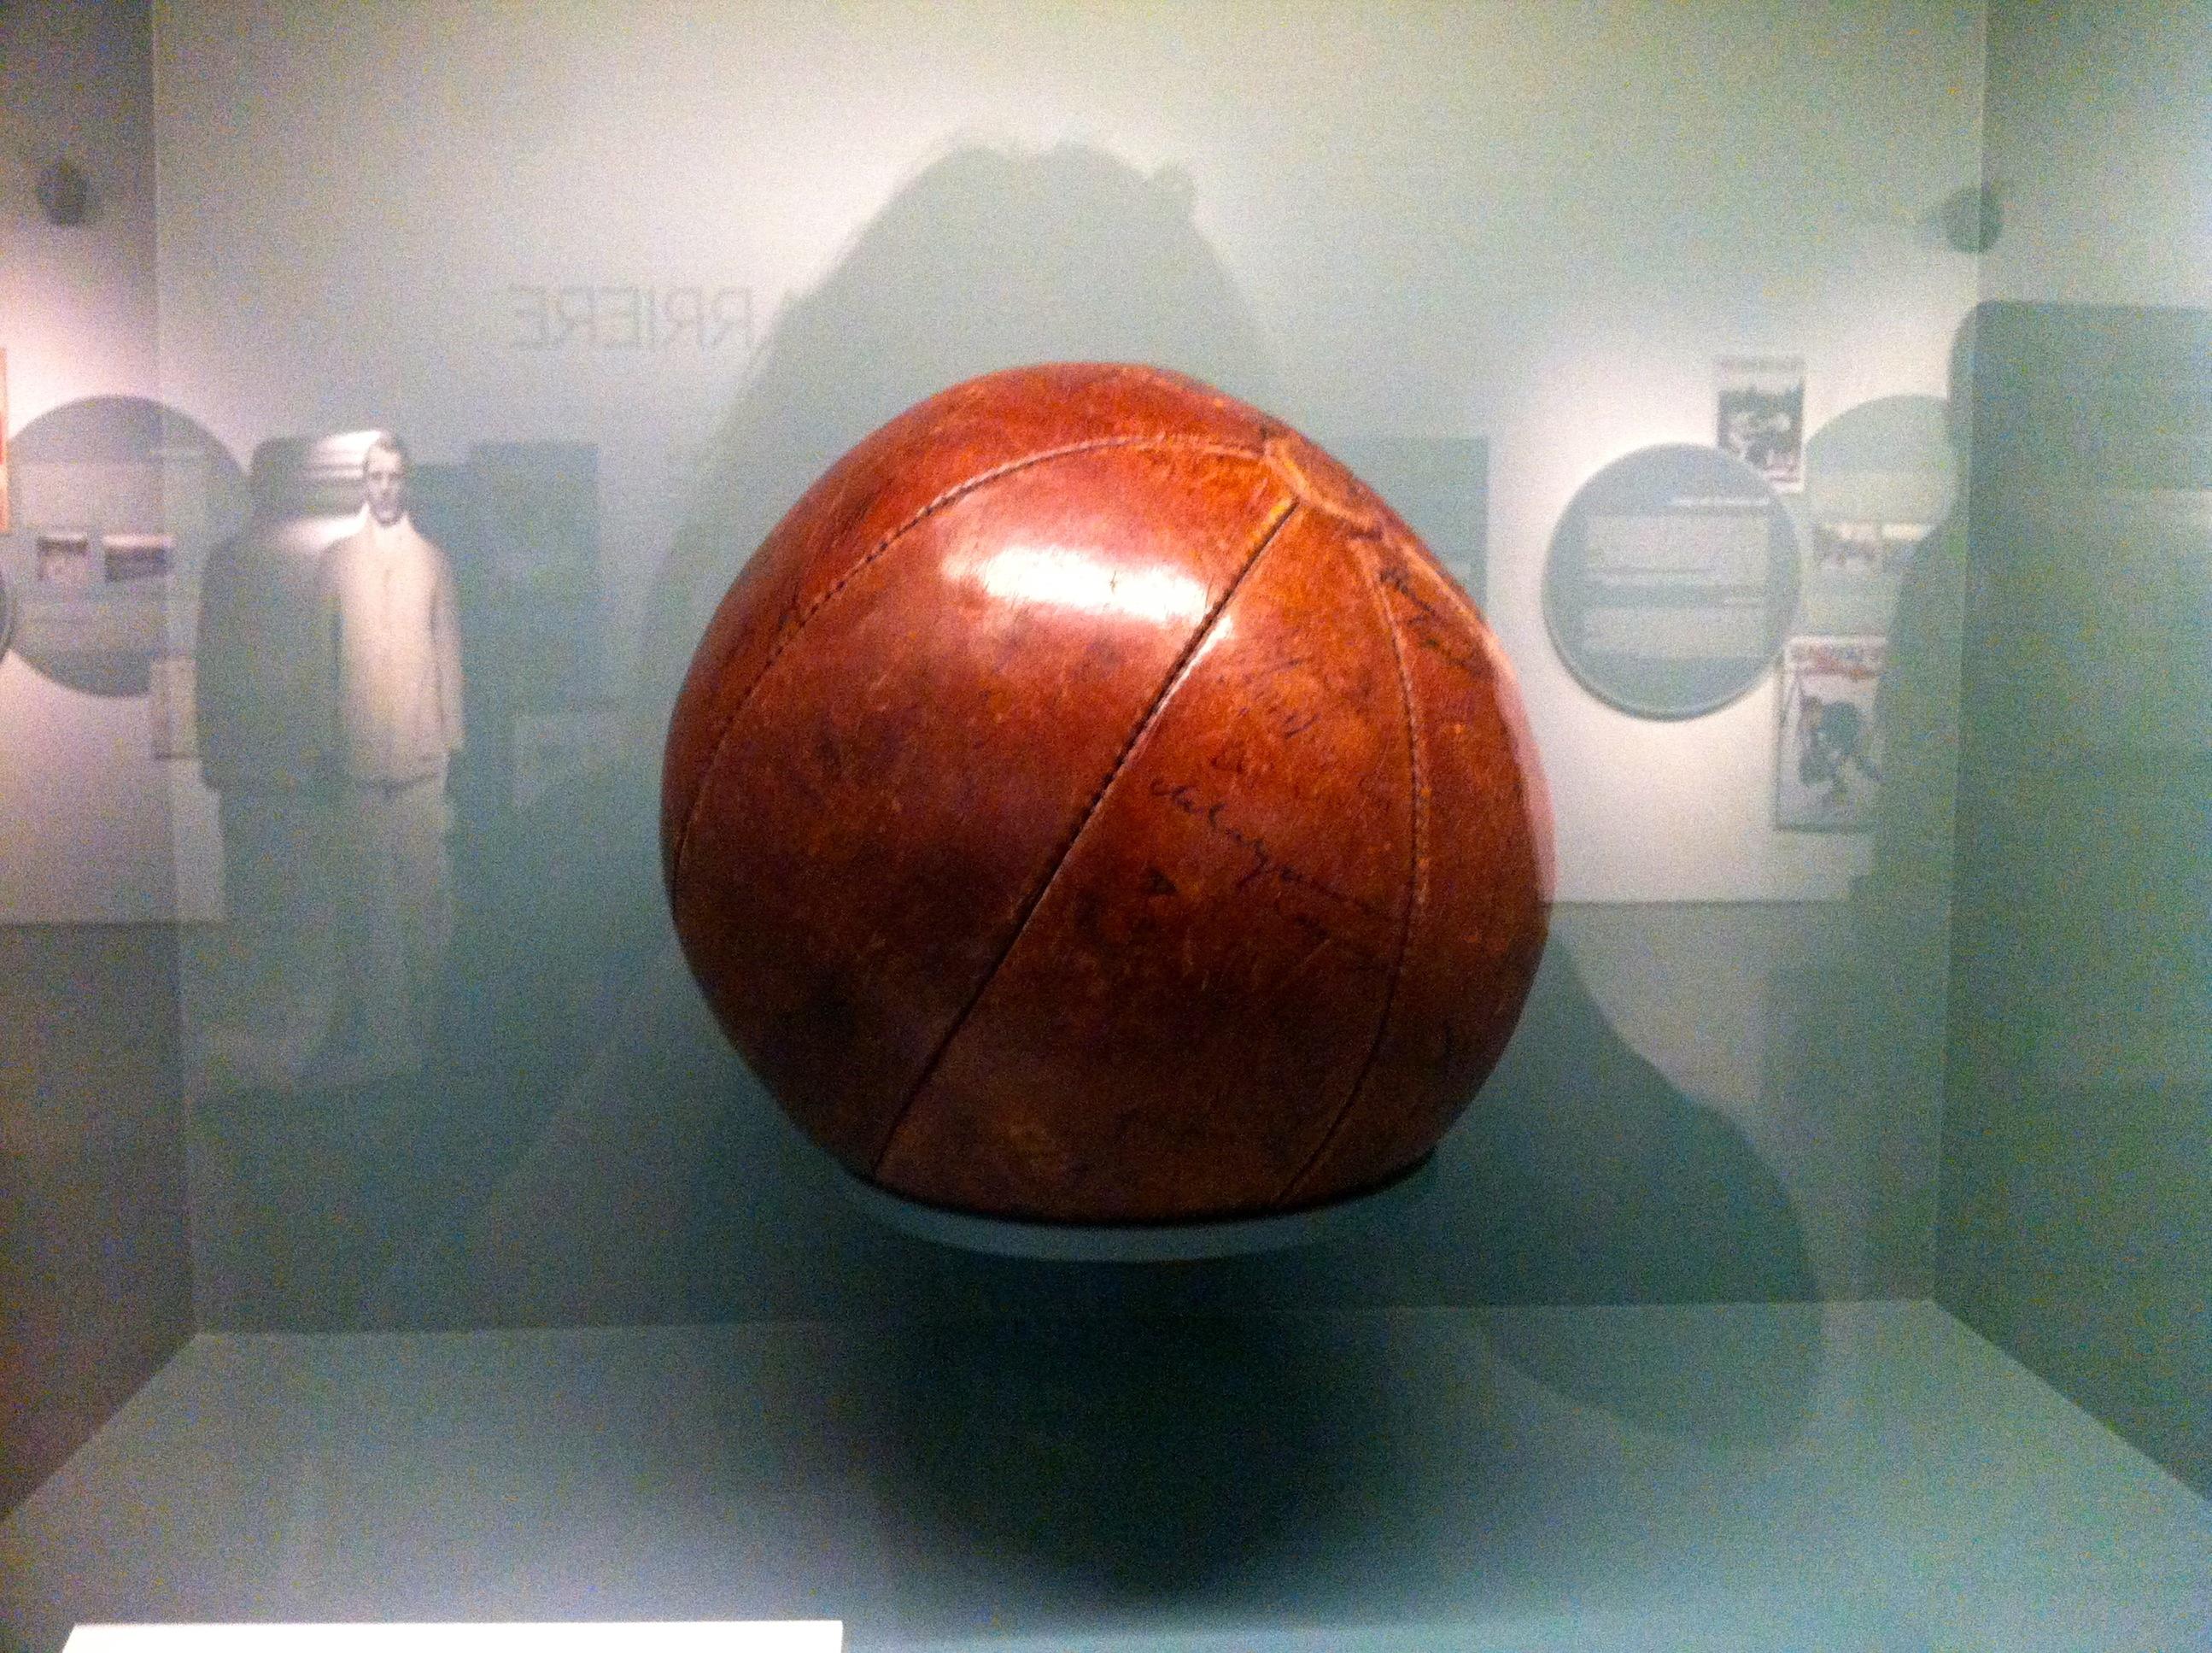 """Au sortir du combat, on encourageait les soldats meurtris à pratiquer une activité physique. En d'autres termes le sport était prescrit par la plupart des médecins. D'où le nom de ce ballon, """"The Medicine Ball"""" (la balle médicinale). © Musée de la Grande Guerre du Pays de Meaux."""